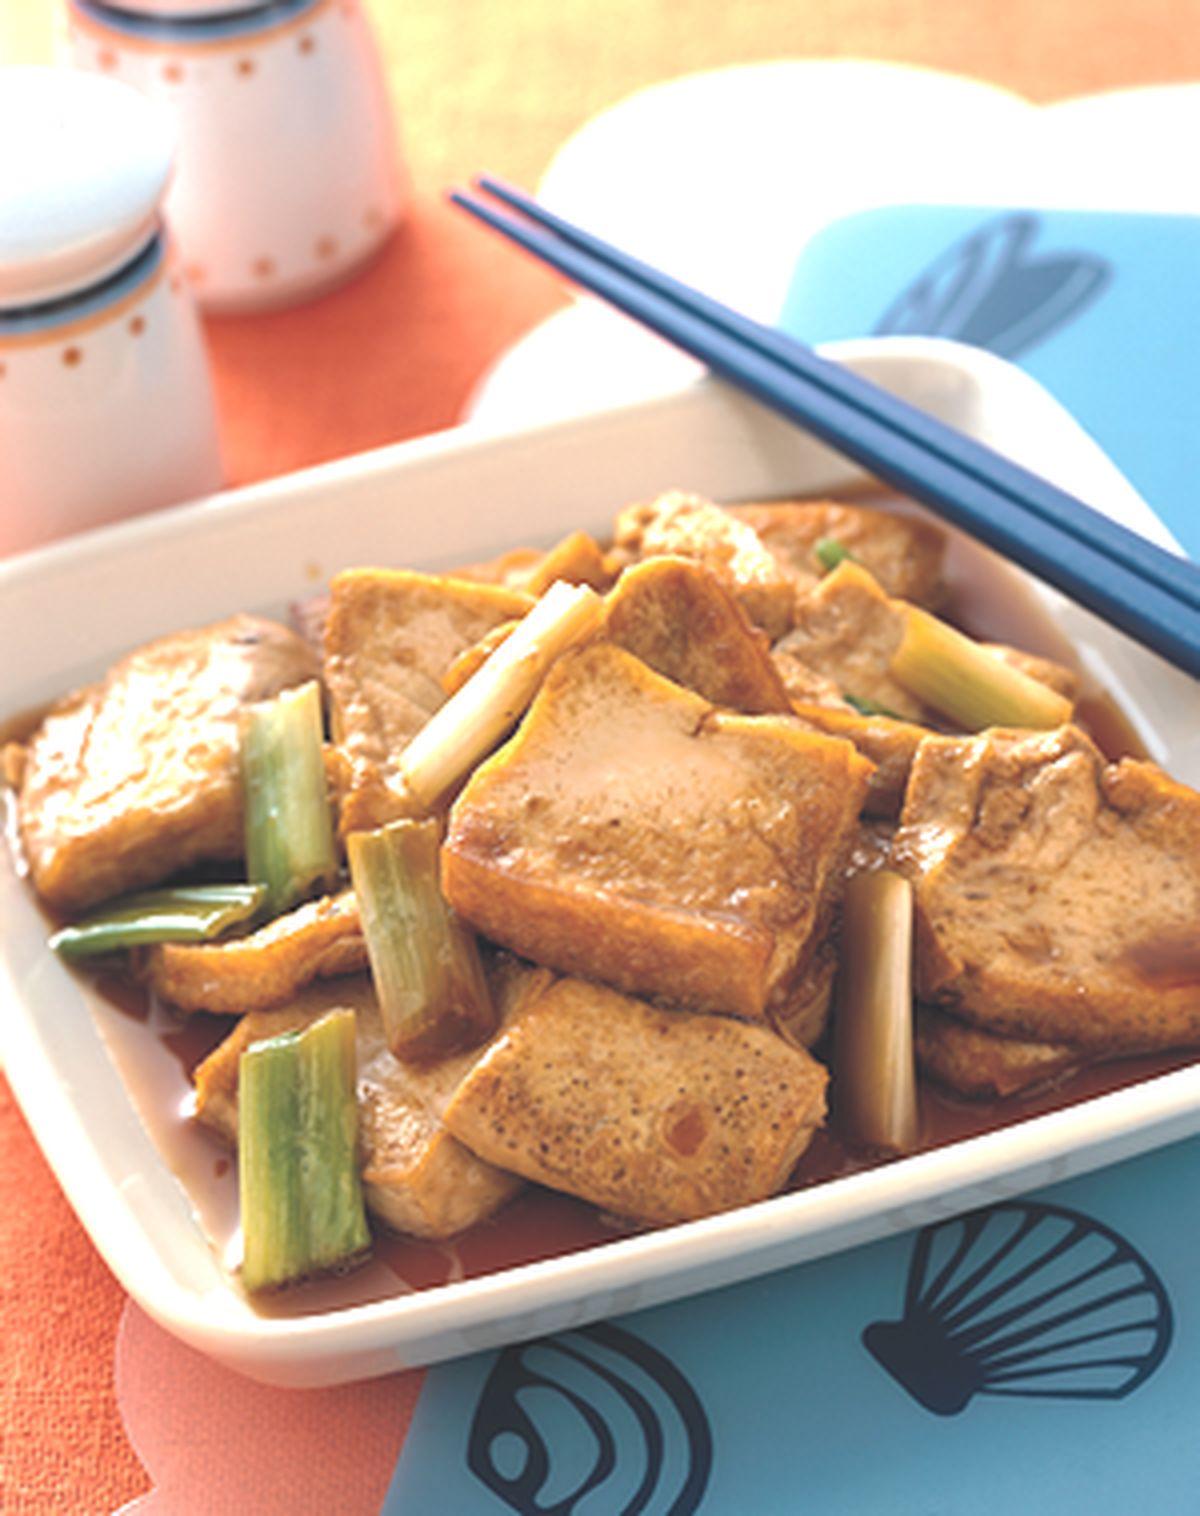 食譜:香煎豆腐